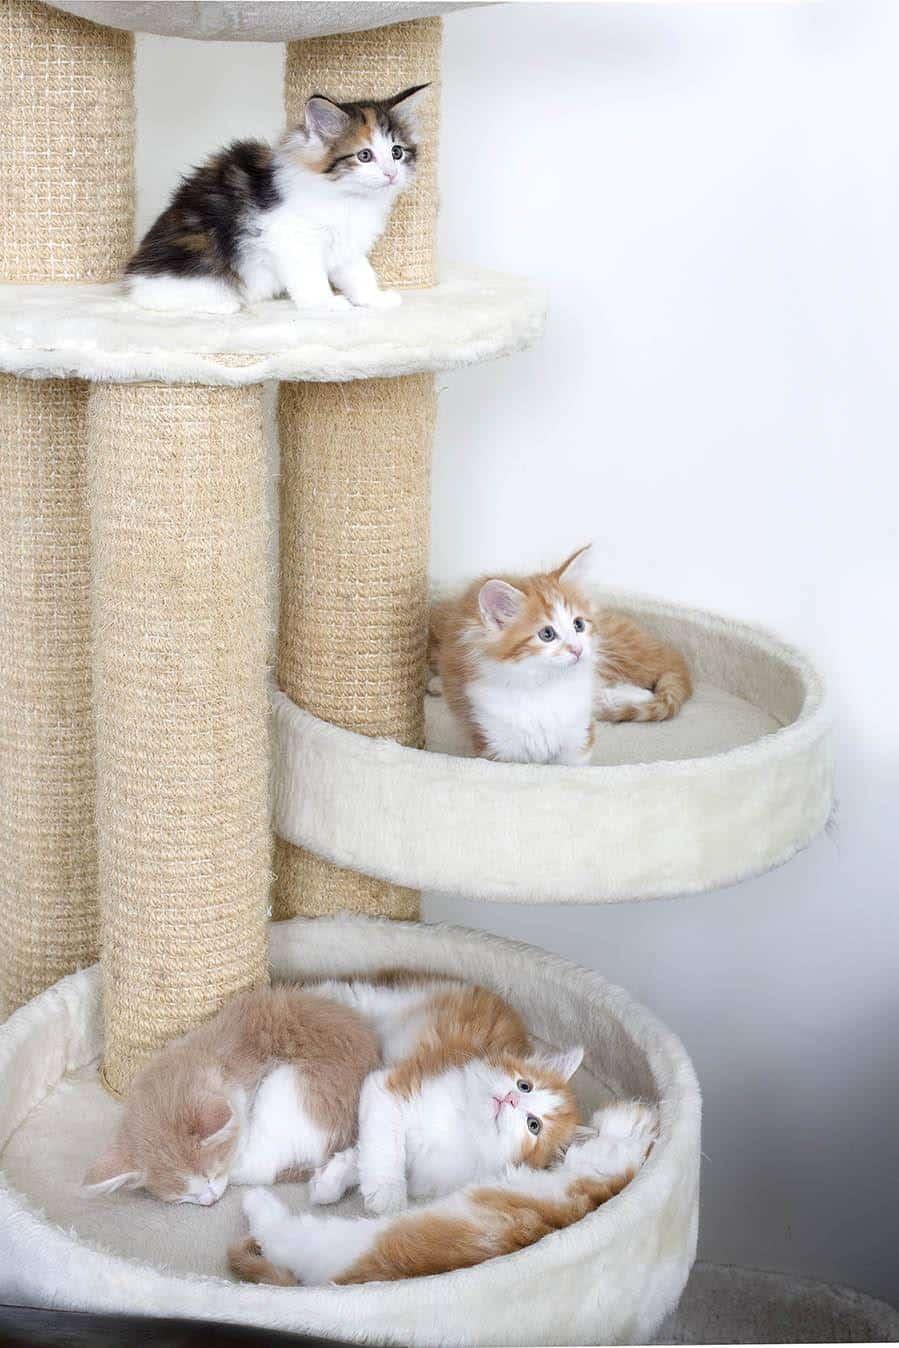 https://www.wikichat.fr/wp-content/uploads/sites/2/un-arbre-a-chat-gadget-ou-necessite-pour-mon-chaton-1-2.jpg